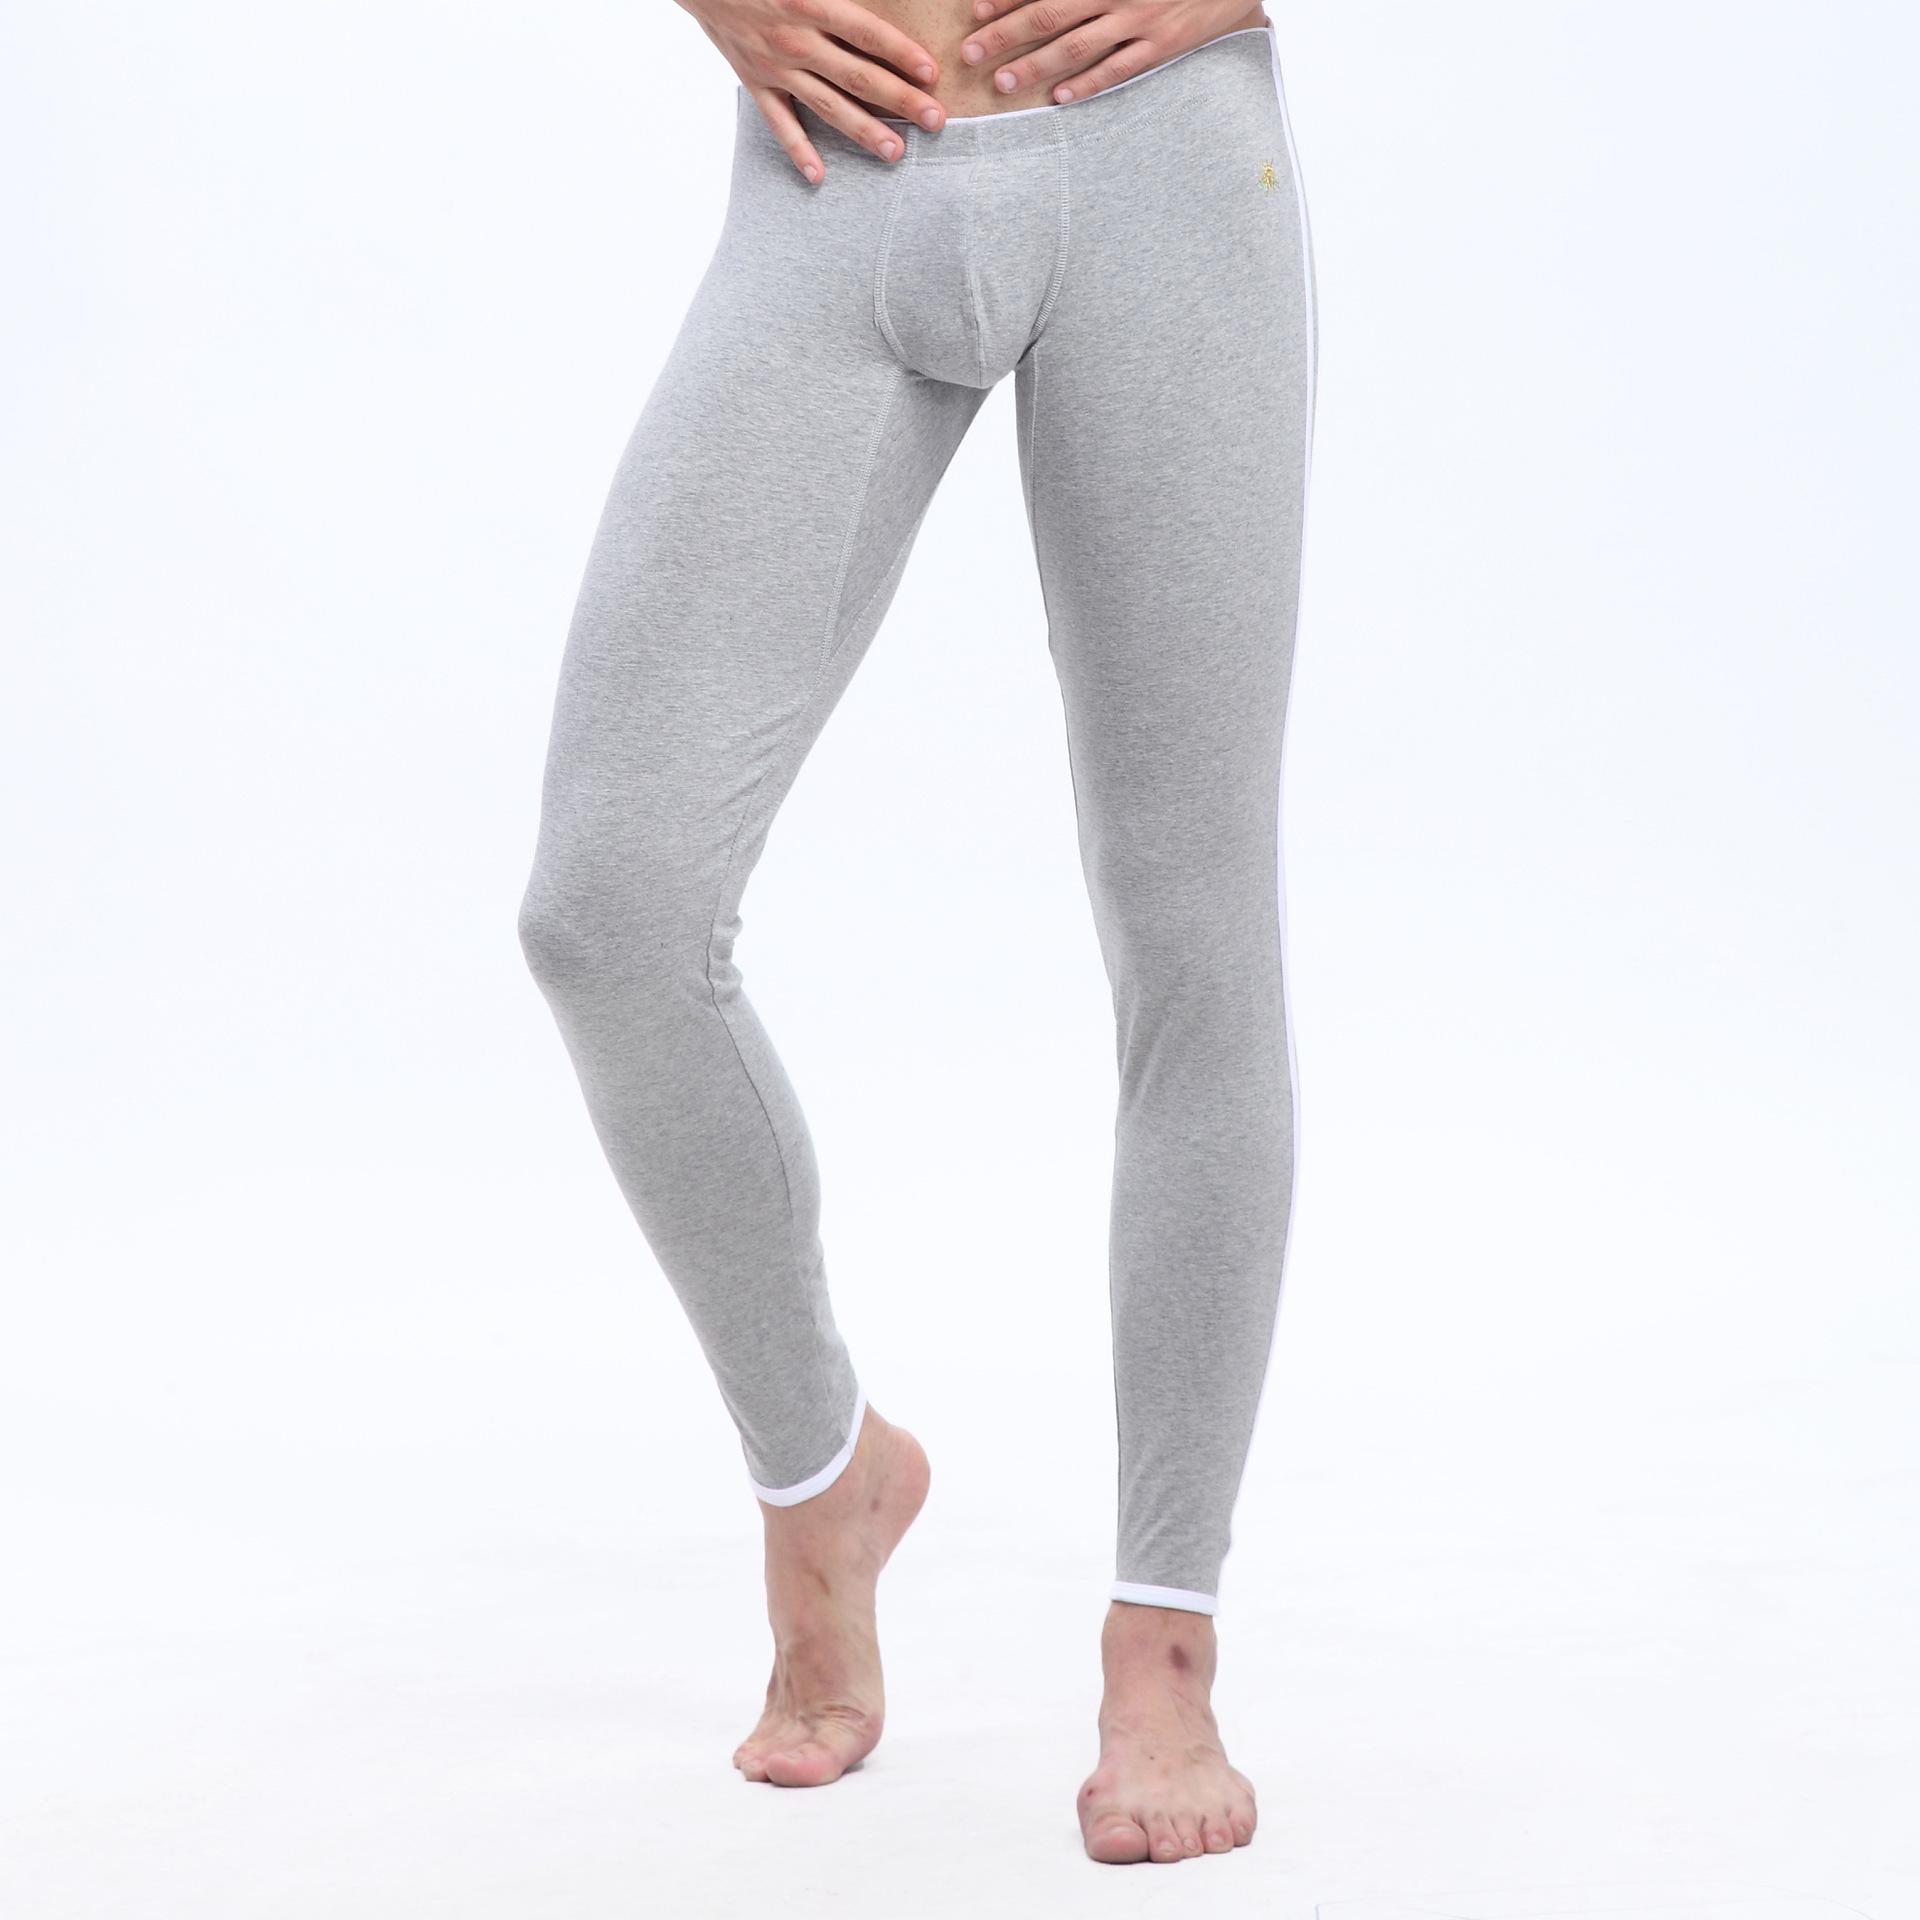 Unique Yoga Pants Front View X3cbx3eyoga Pantsx3cbx3e Women Average